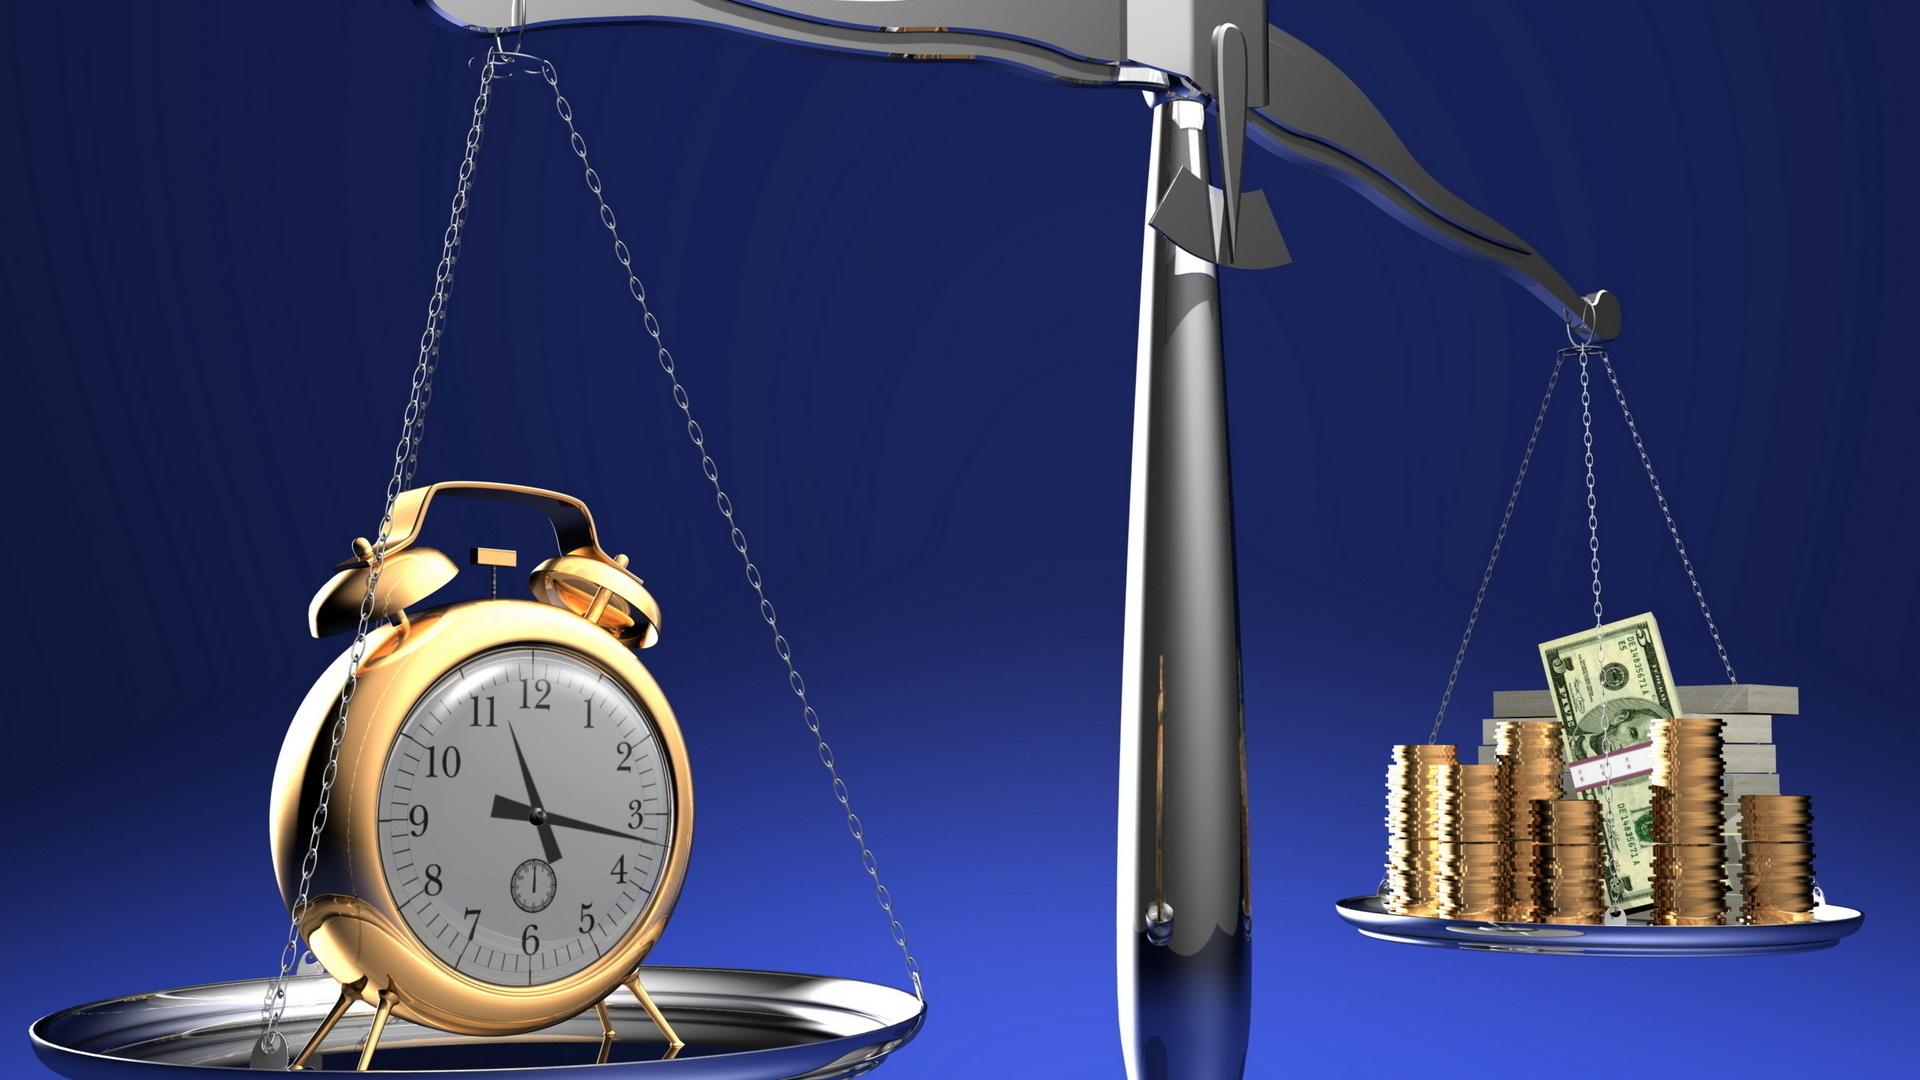 обои на рабочий стол бухгалтерский учет № 648540 загрузить